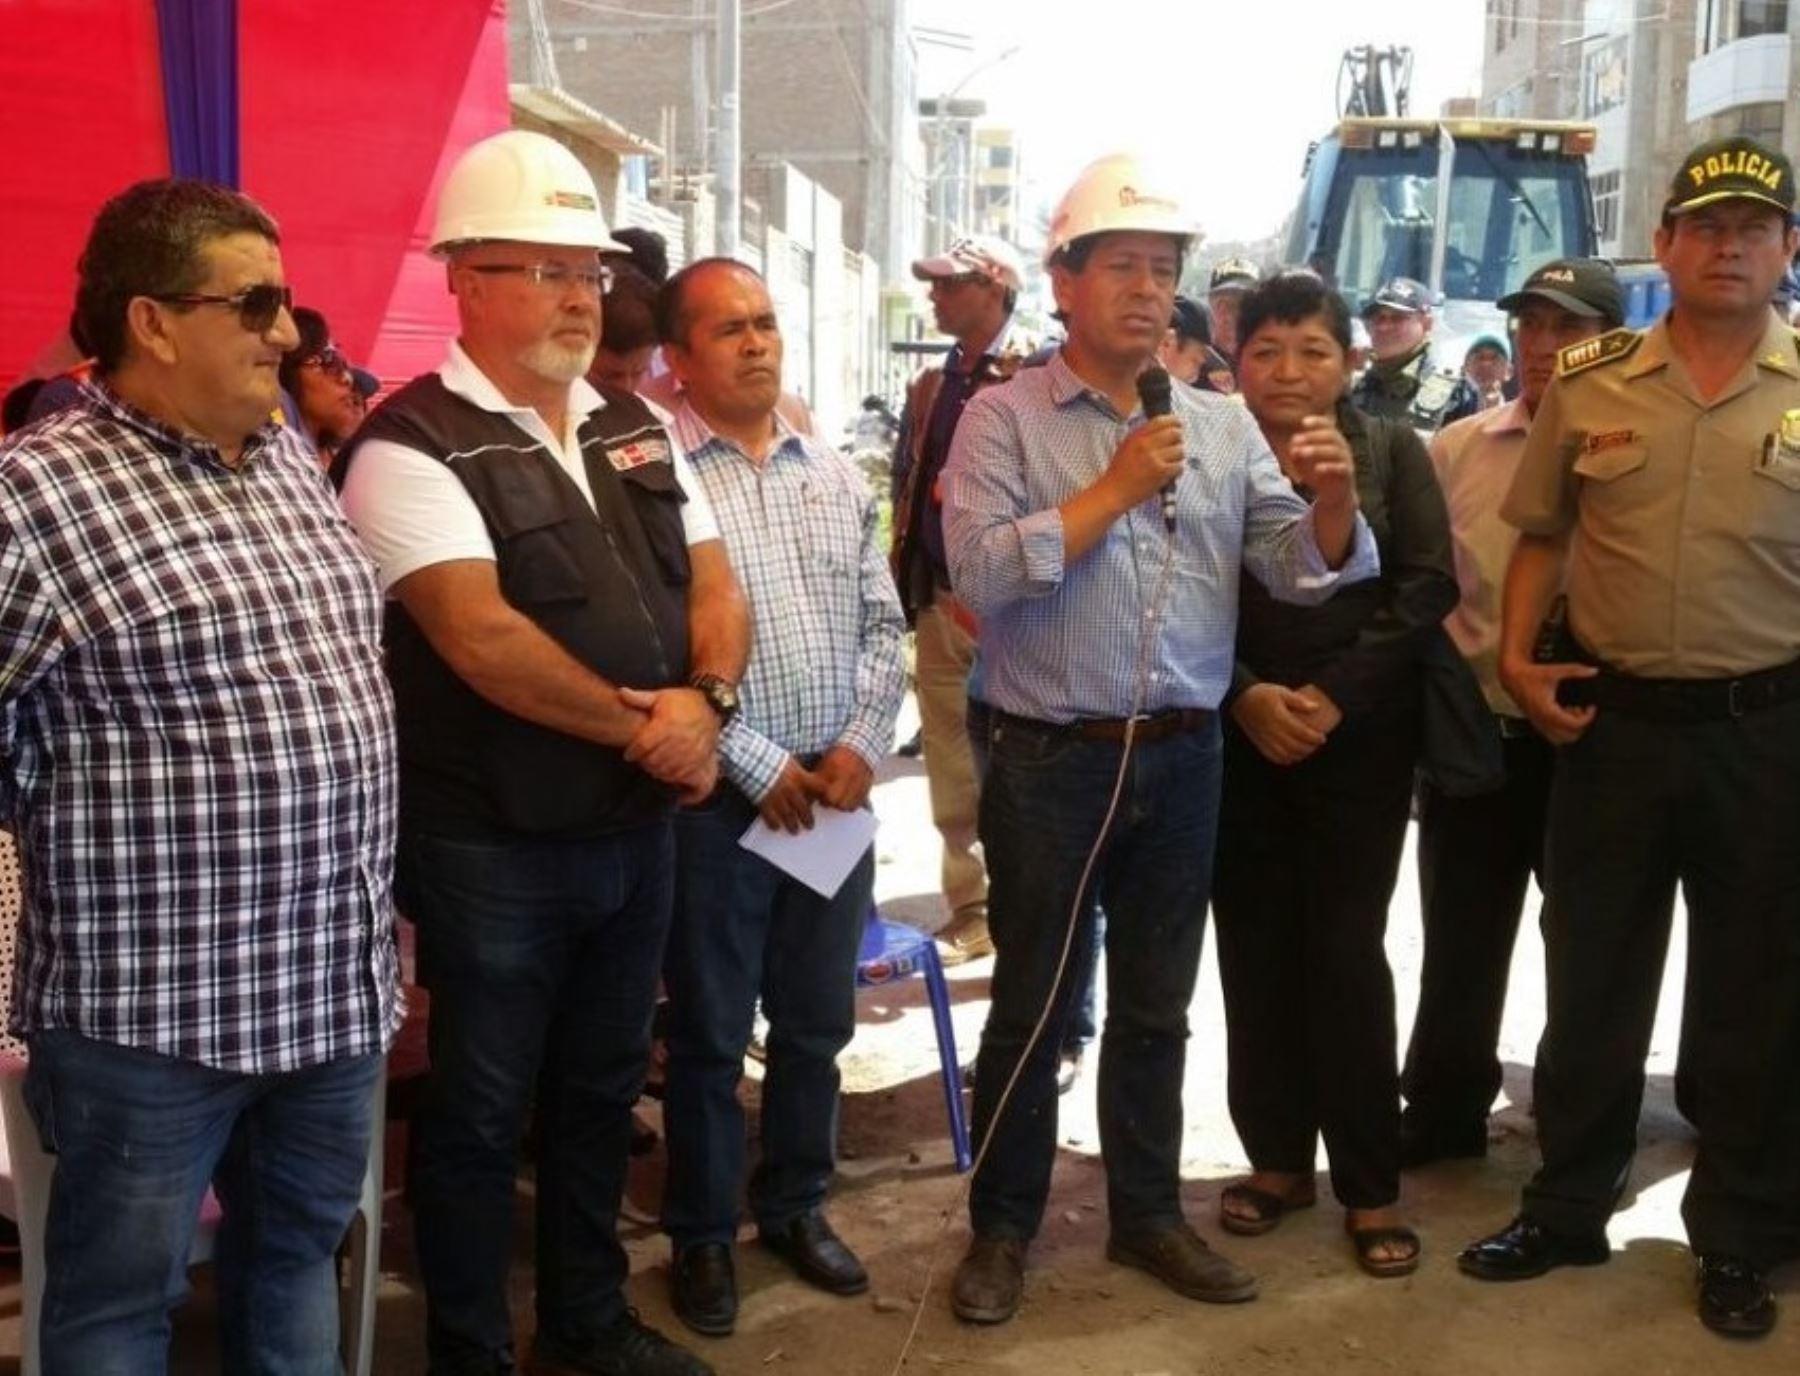 De acuerdo al Plan Integral de Reconstrucción con Cambios (PIRCC) para este año 2018 se asignarán más de 900 millones de soles a la región Lambayeque en cerca de 300 intervenciones para obras de prevención, rehabilitación y reconstrucción de la infraestructura dañada que dejó El Niño Costero.